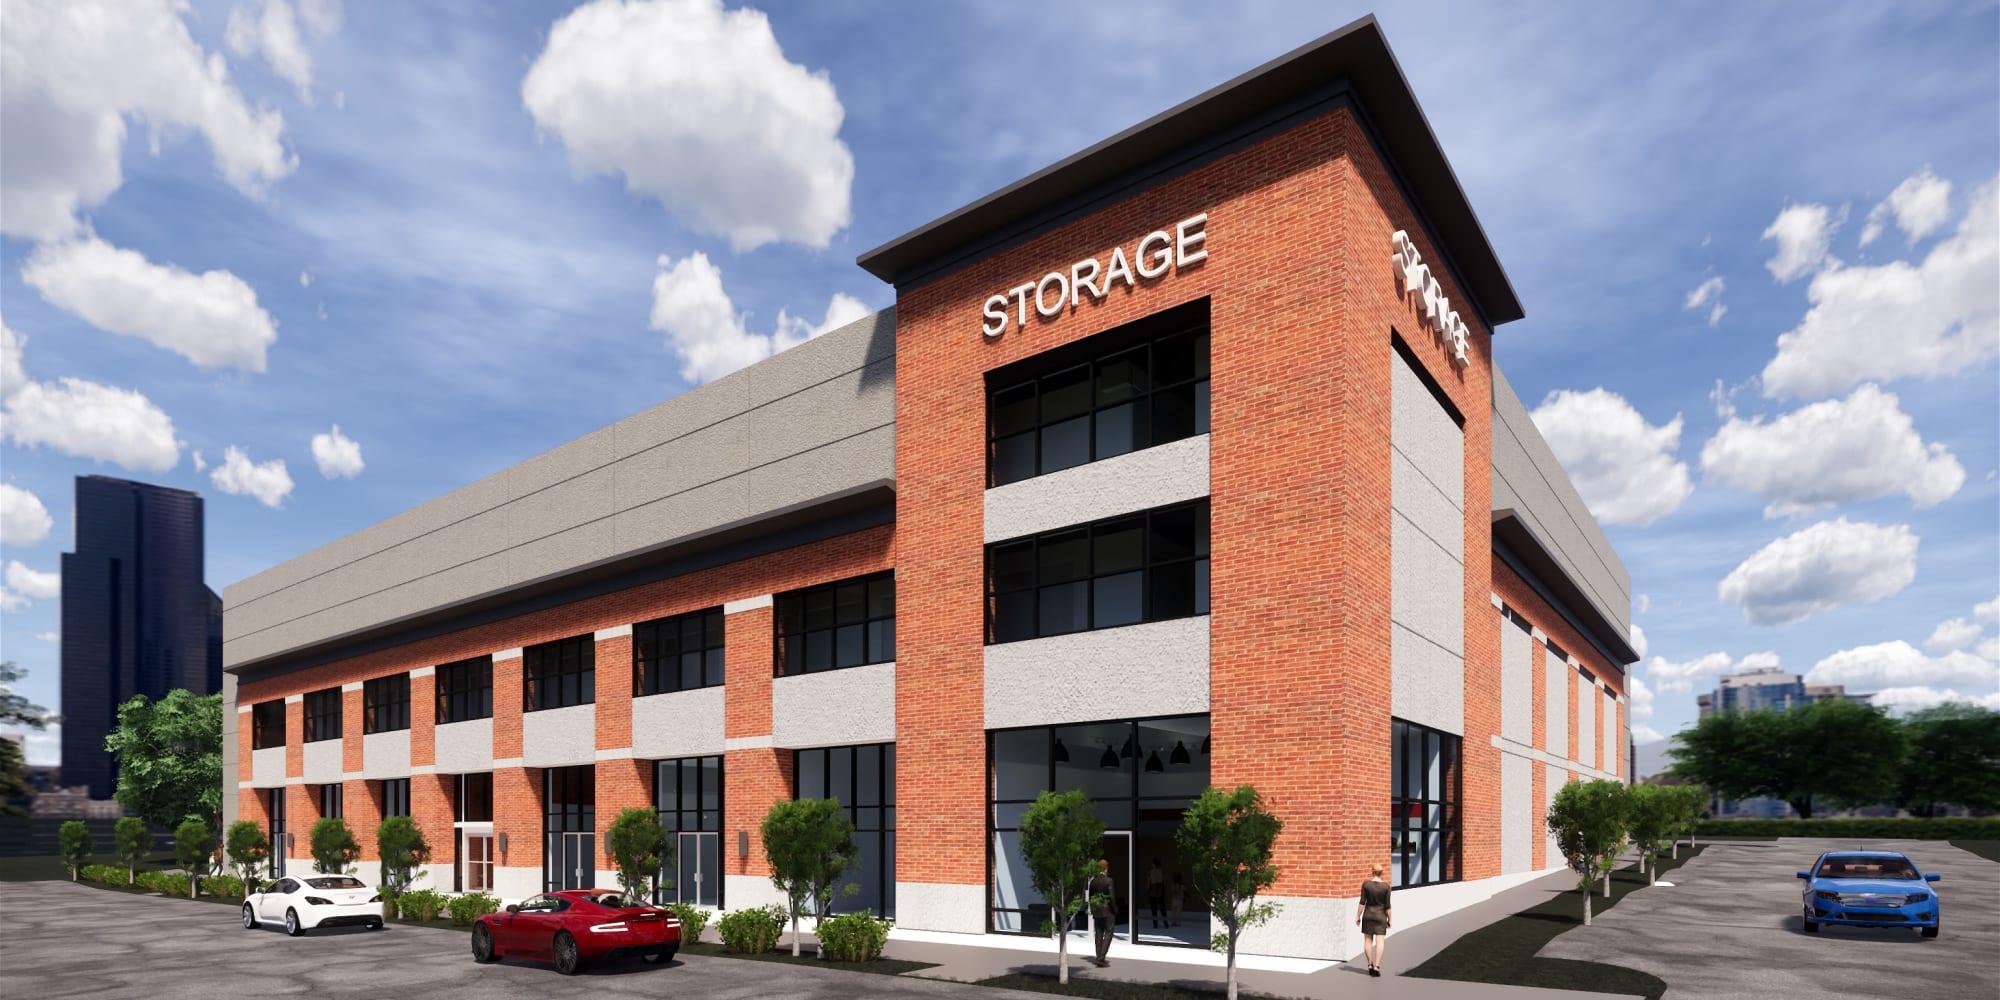 Spacebox Storage Nashville in Nashville, Tennessee